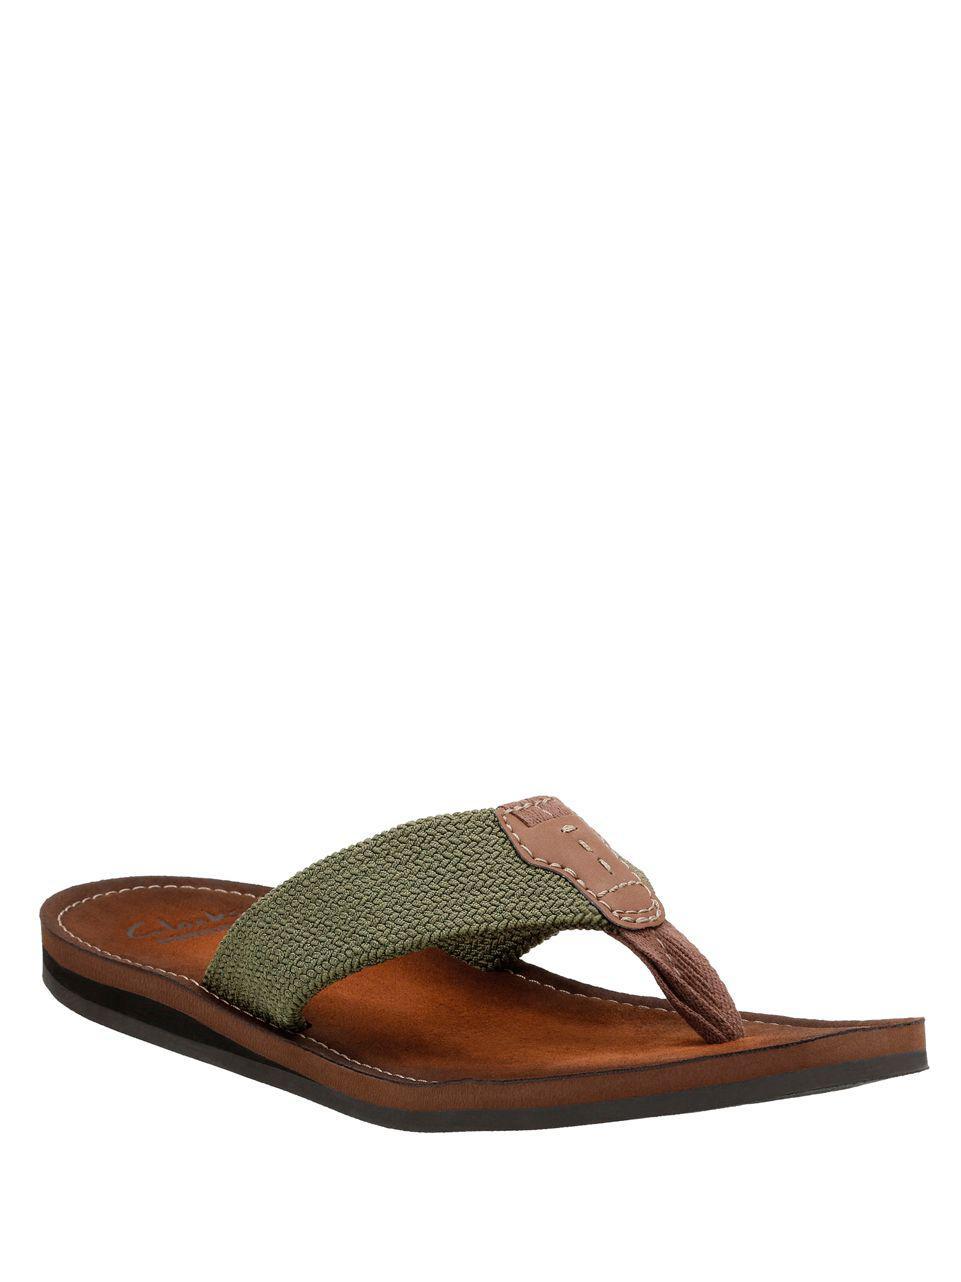 5159102c7aa6 Lyst - Clarks Lacono Beach Flip Flops in Green for Men